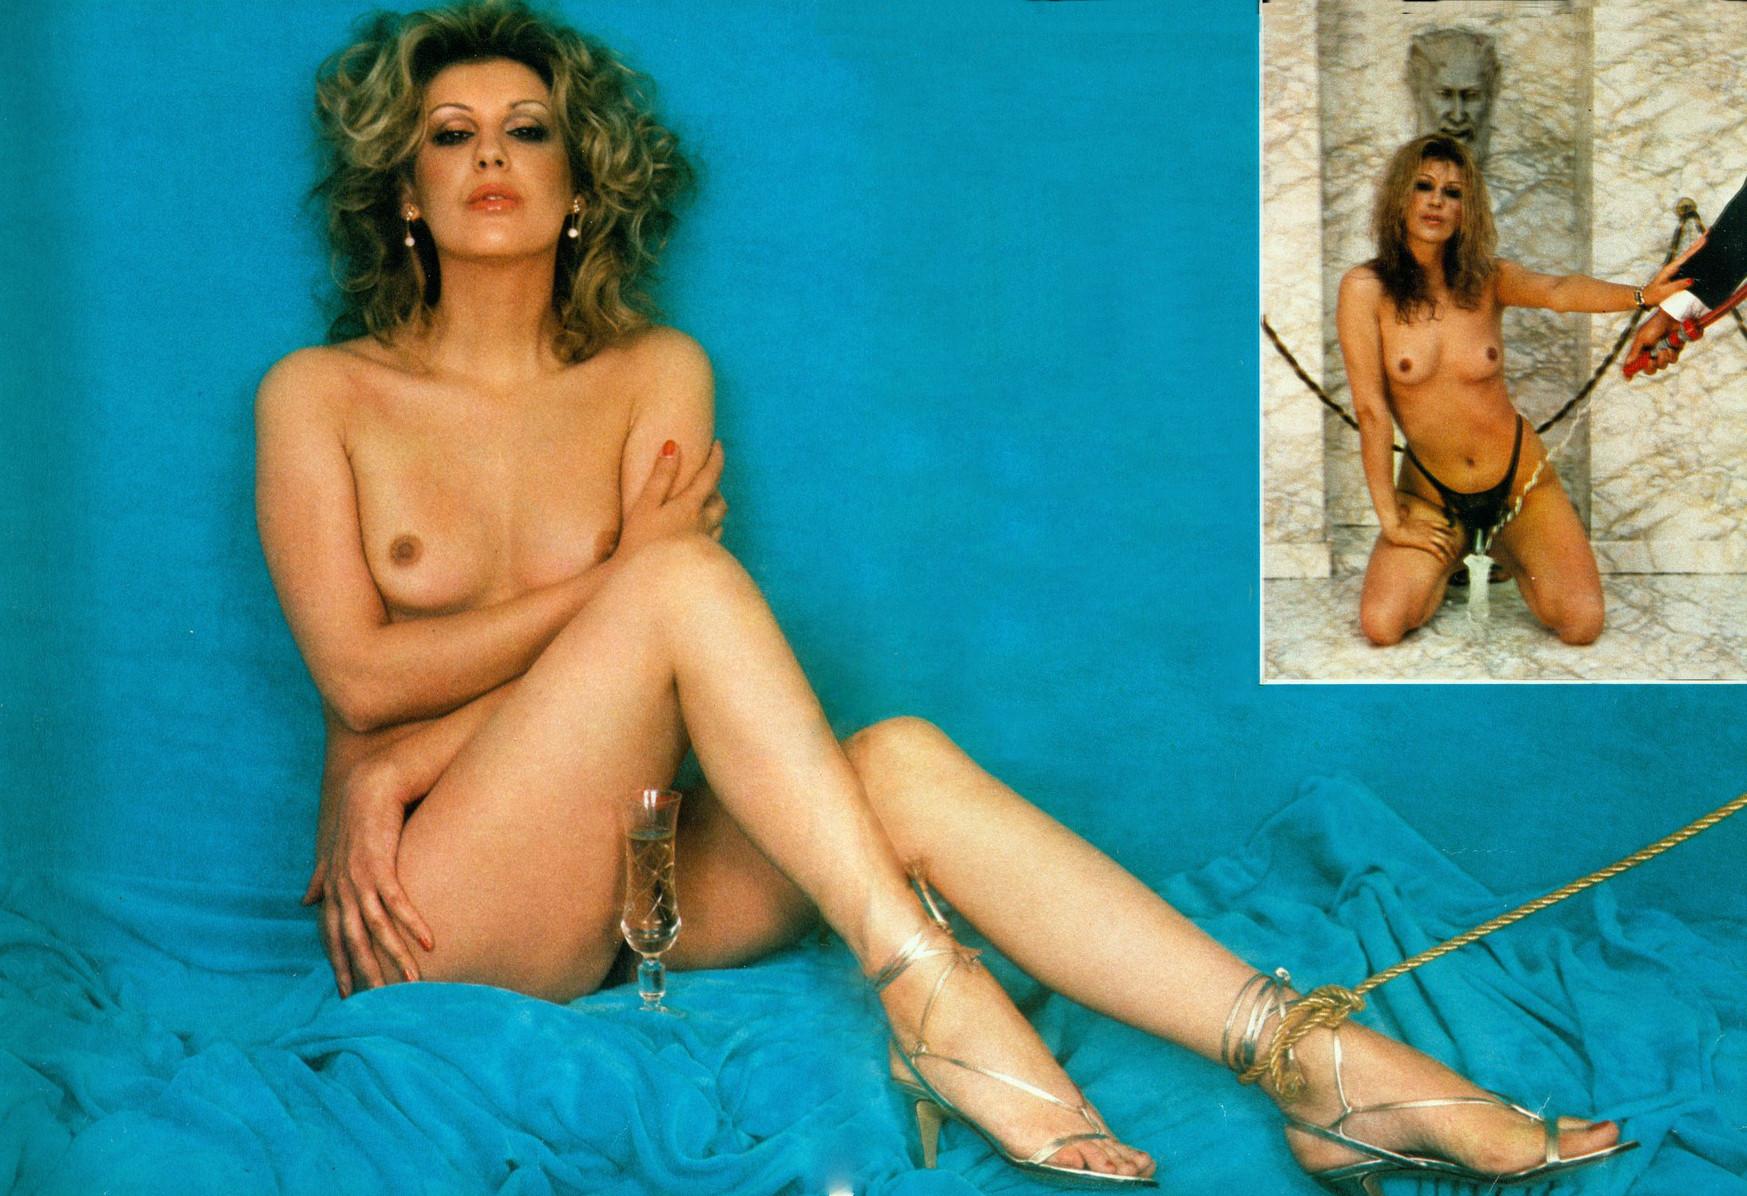 Tanya fischer nude pics and pics